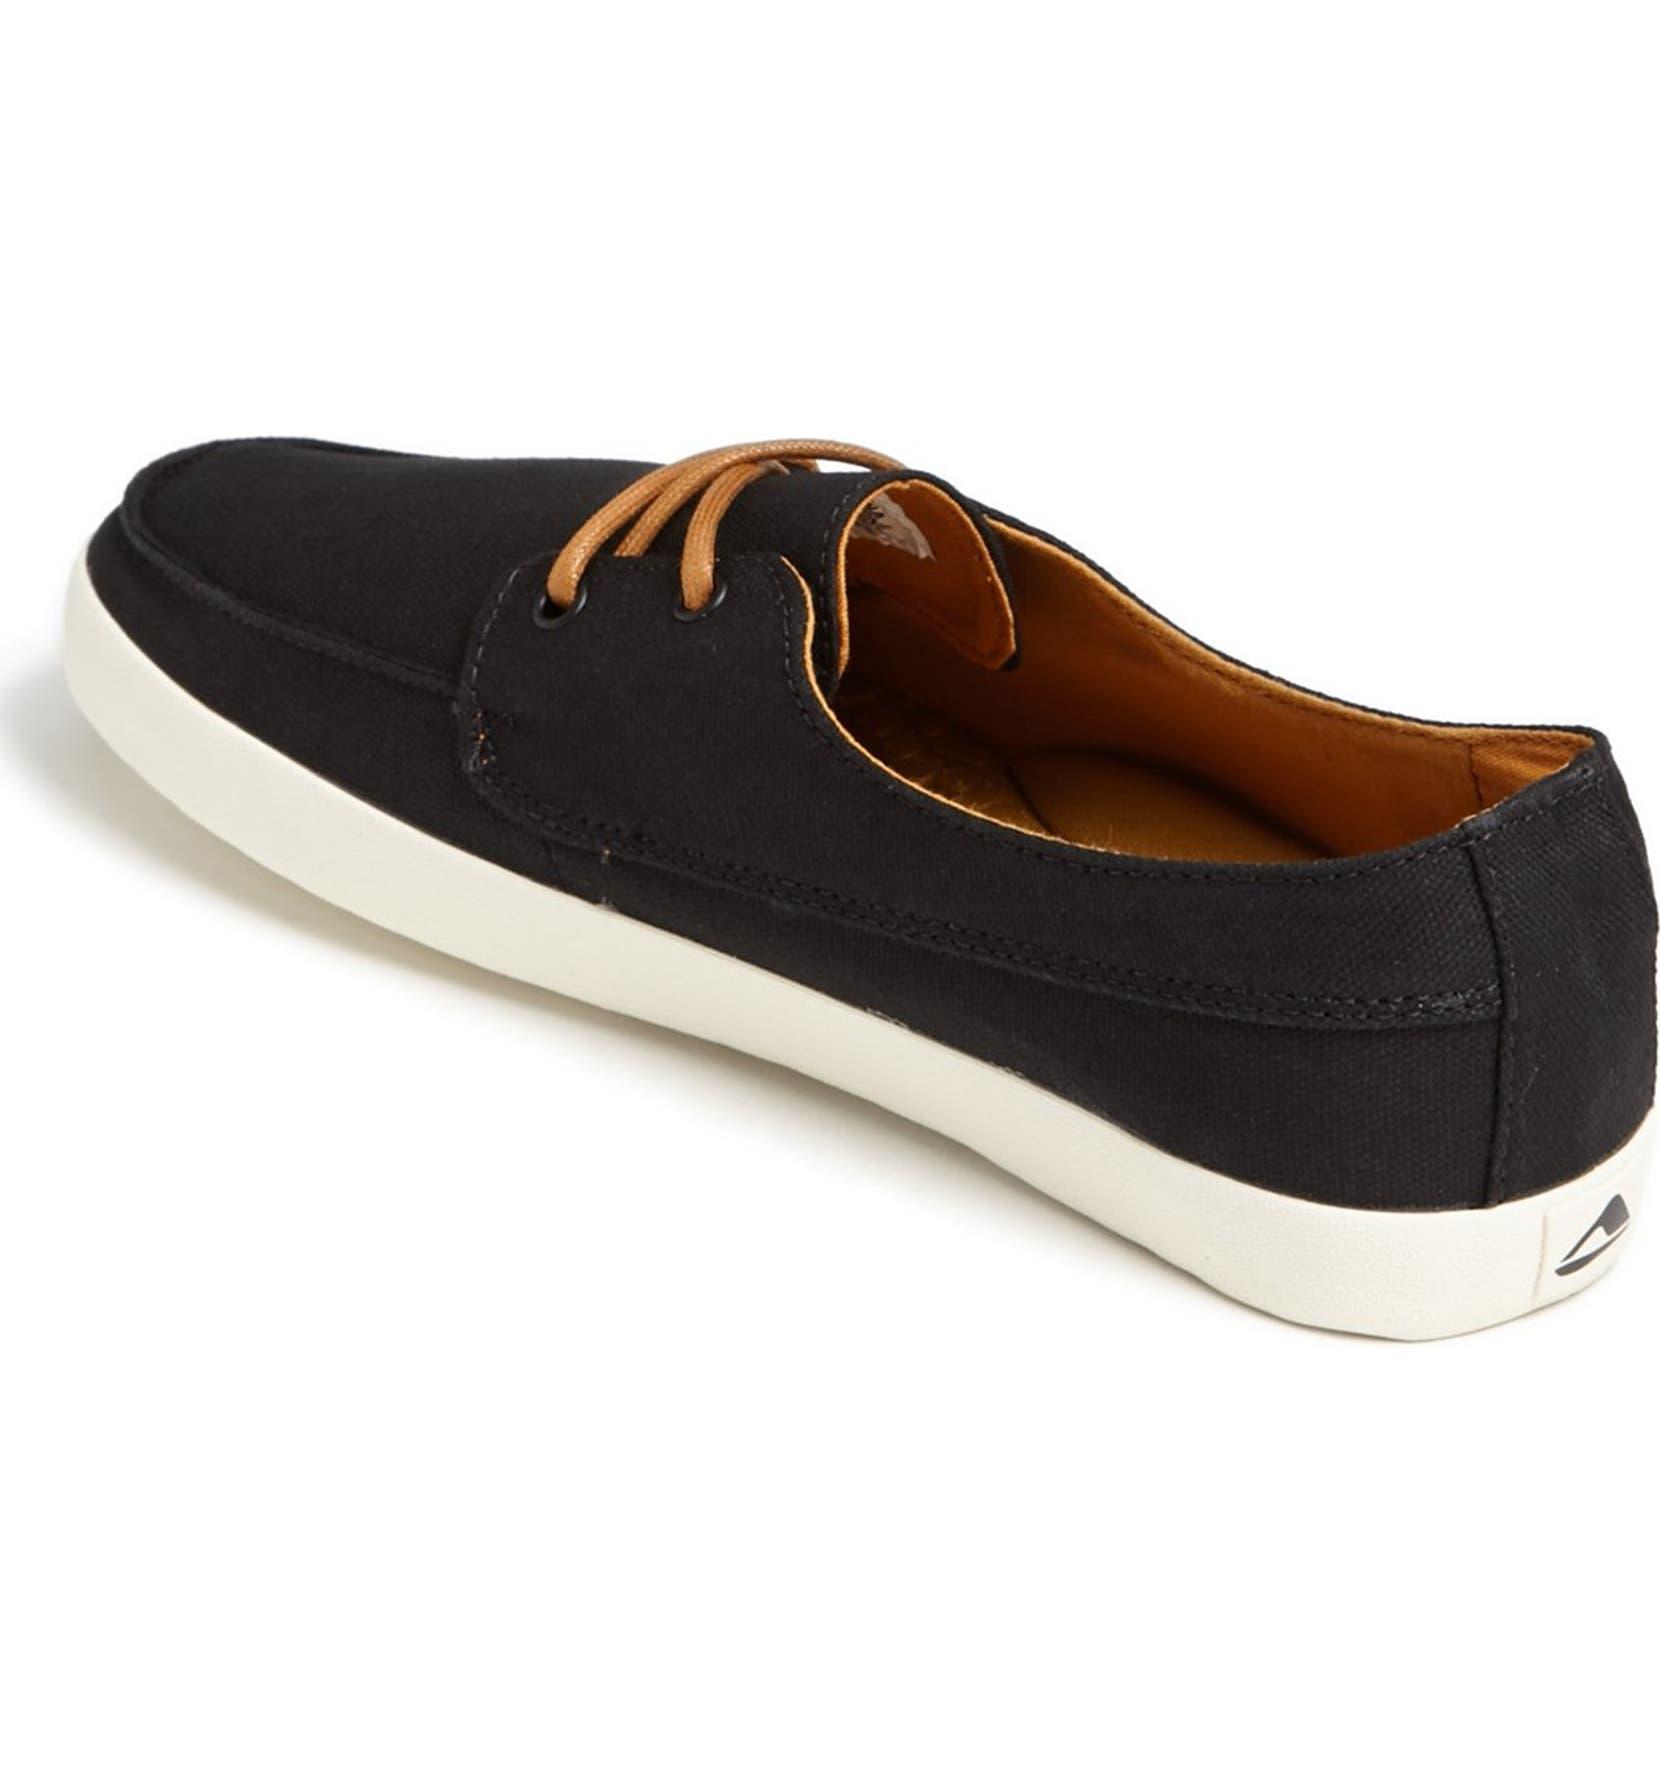 d07e89dbea664 Reef 'Deckhand' Sneaker (Men)   Nordstrom